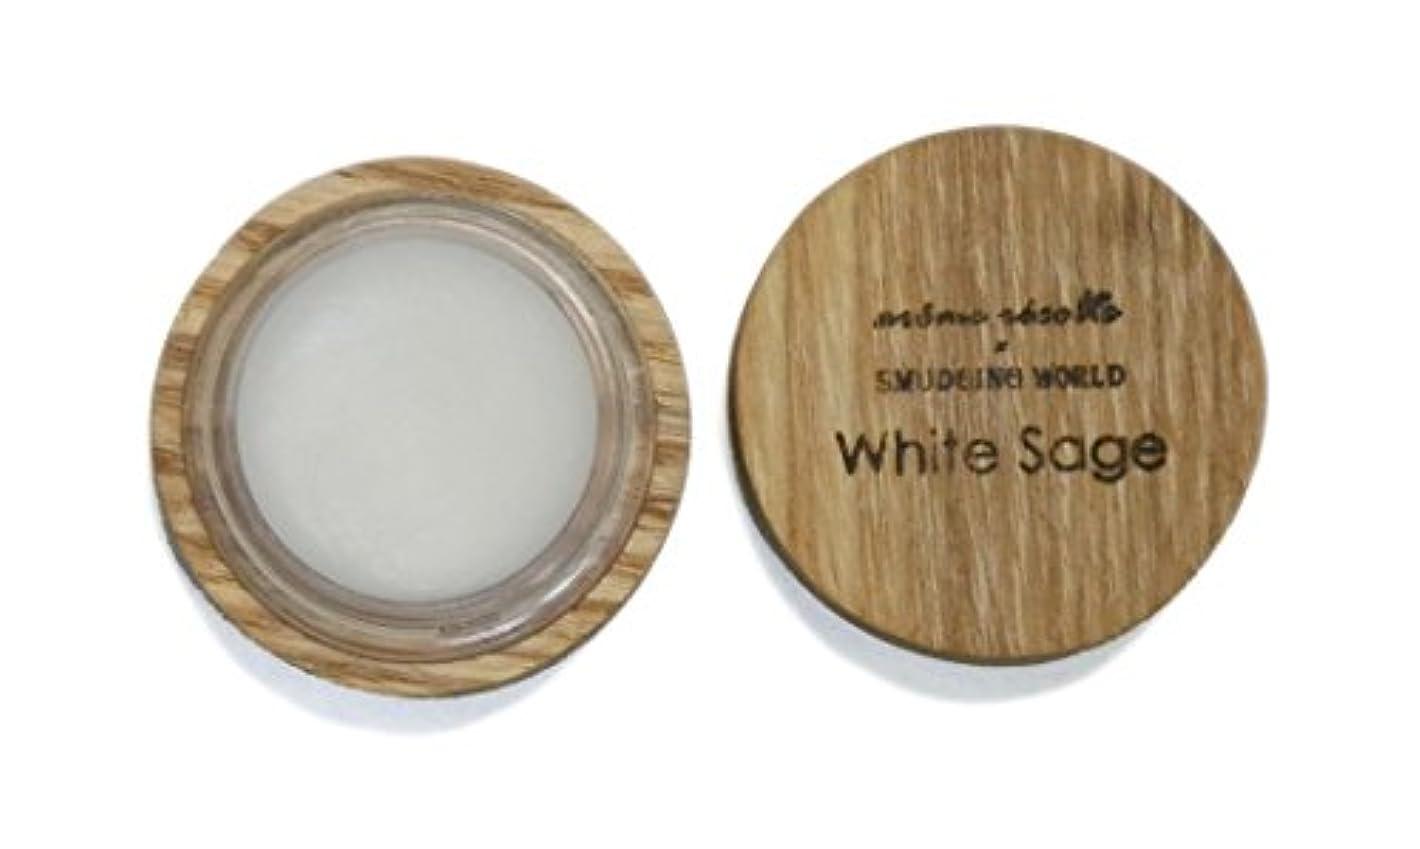 同僚かんがい満足できるアロマレコルト ソリッドパフューム ホワイトセージ 【White Sage】オーガニック エッセンシャルオイル organic essential oil solid parfum arome recolte